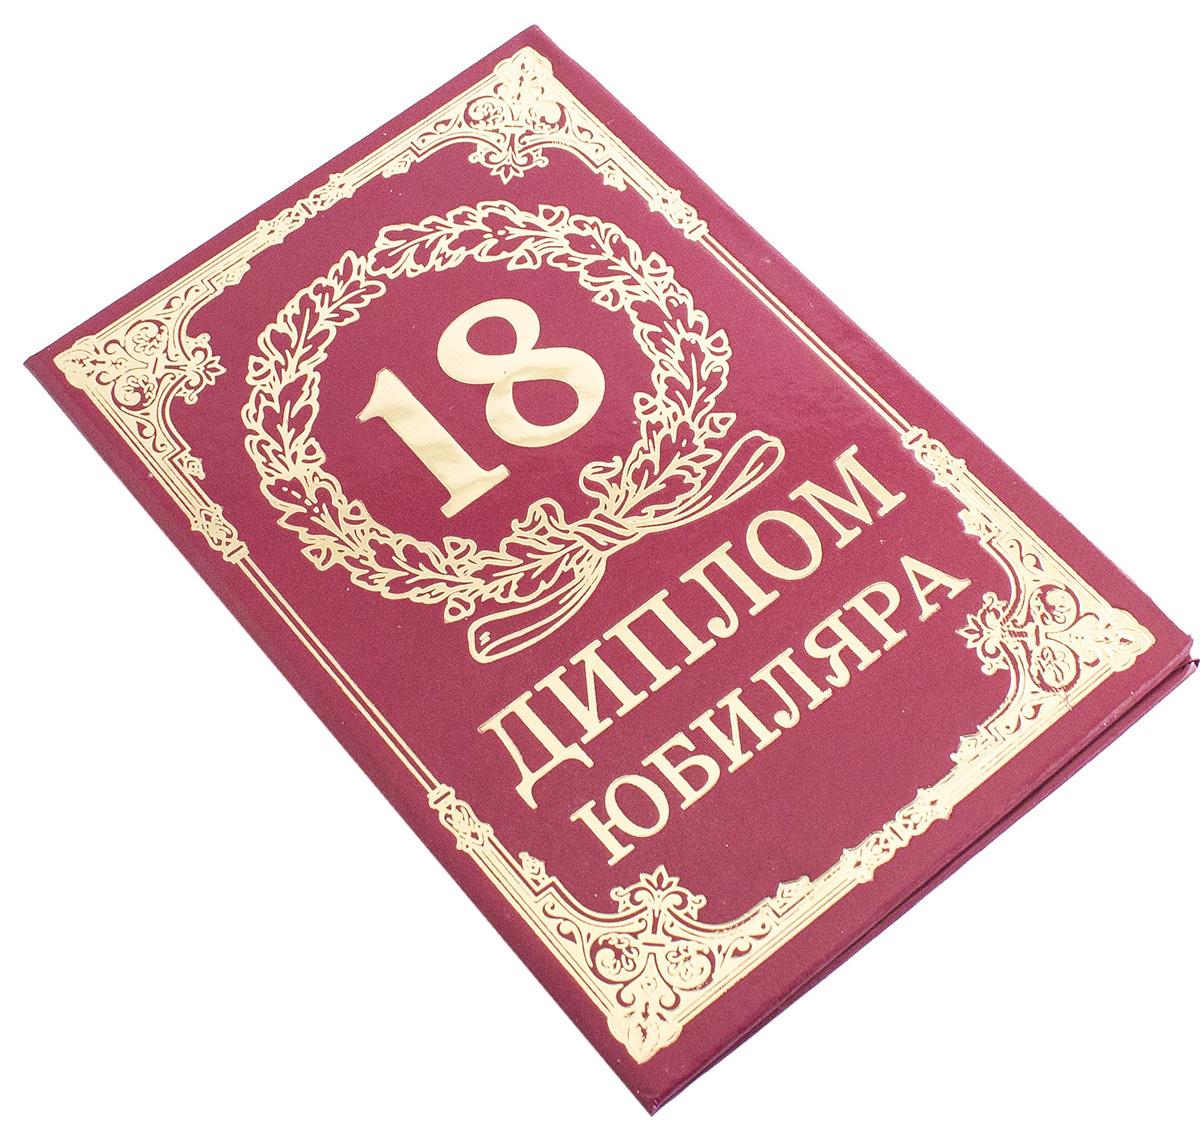 Диплом сувенирный Эврика 18 лет, A6, цвет: красный. 9358693586Красочно декорированный наградной диплом с шутливым поздравлением станет прекрасным дополнением к подарку, подскажет идею застольной речи или тоста, поможет выразить тёплые чувства к адресату. Диплом выполнен из картона, полиграфически оформлен и украшен золотым тиснением. Диплом поставляется с дополнительной индивидуальной упаковки.